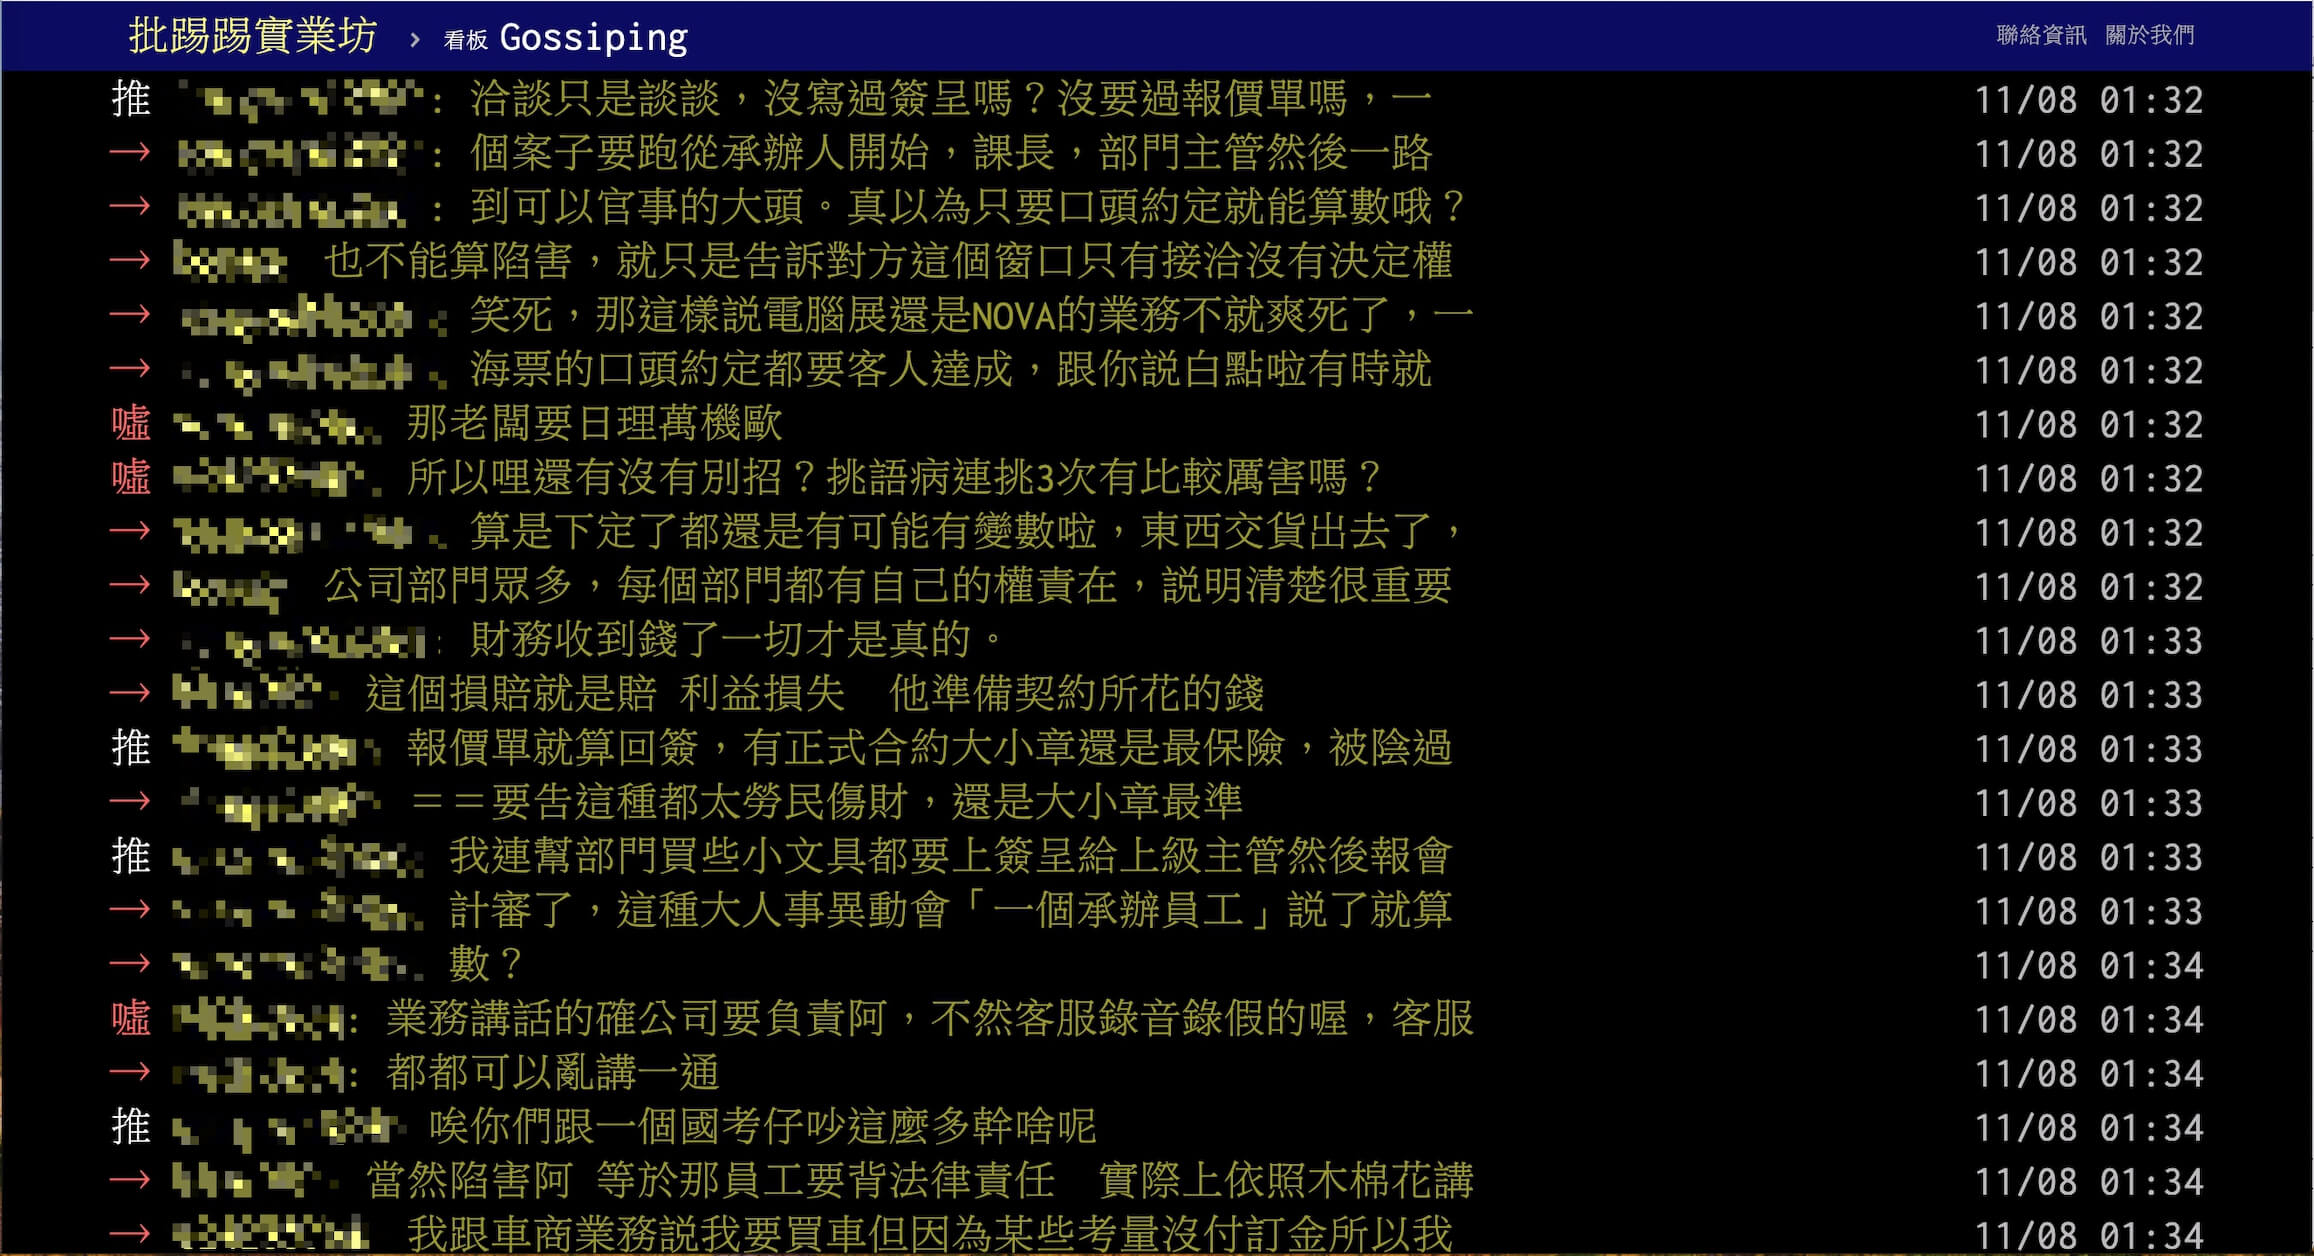 口頭契約或洽談?鍾明軒搬民法惹爭議 正反兩派網友吵翻天